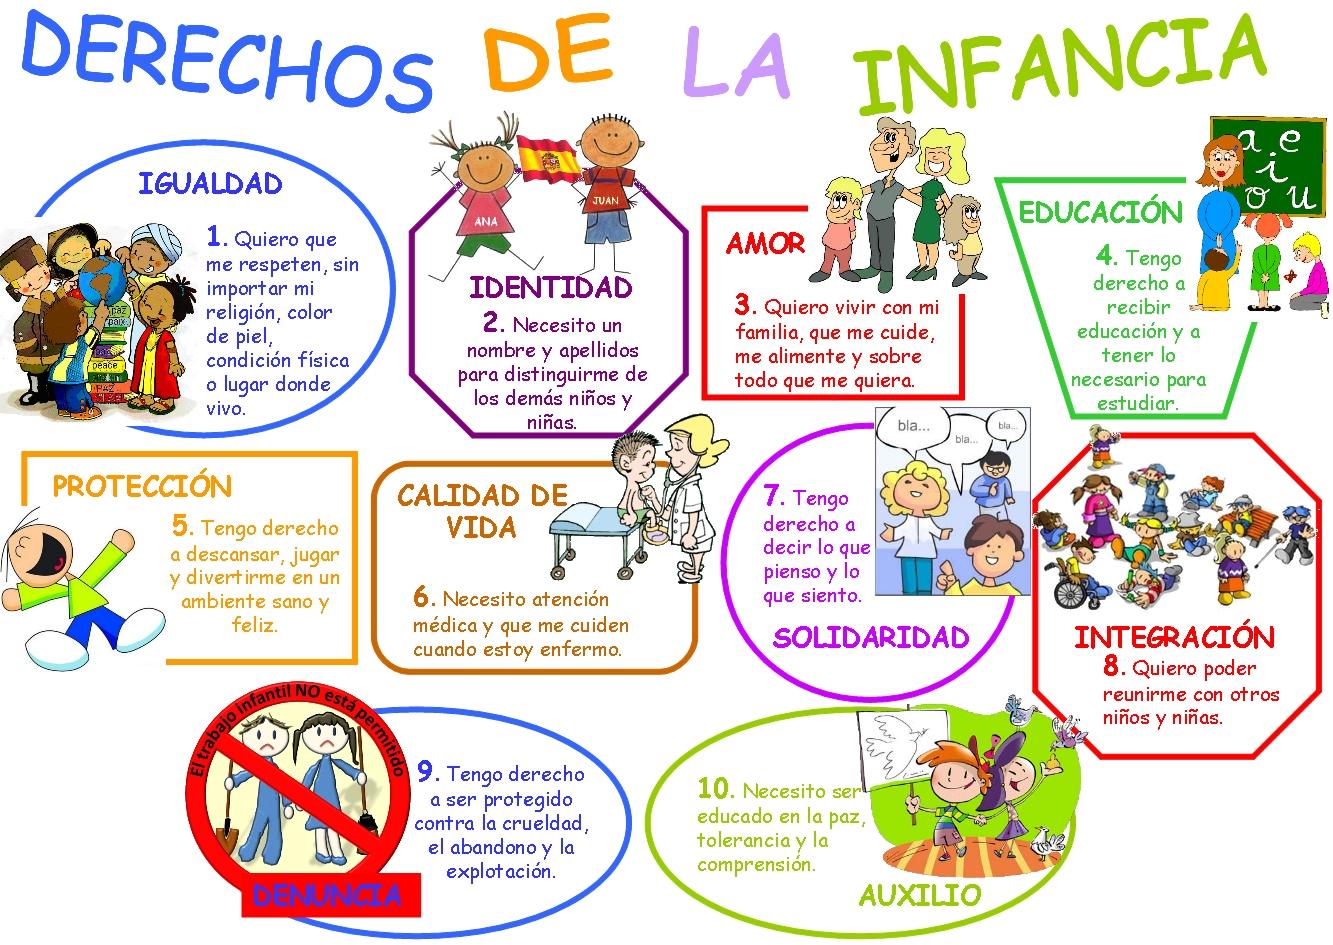 Derechos Y Deberes De Los Niños O Recuncho De Reli